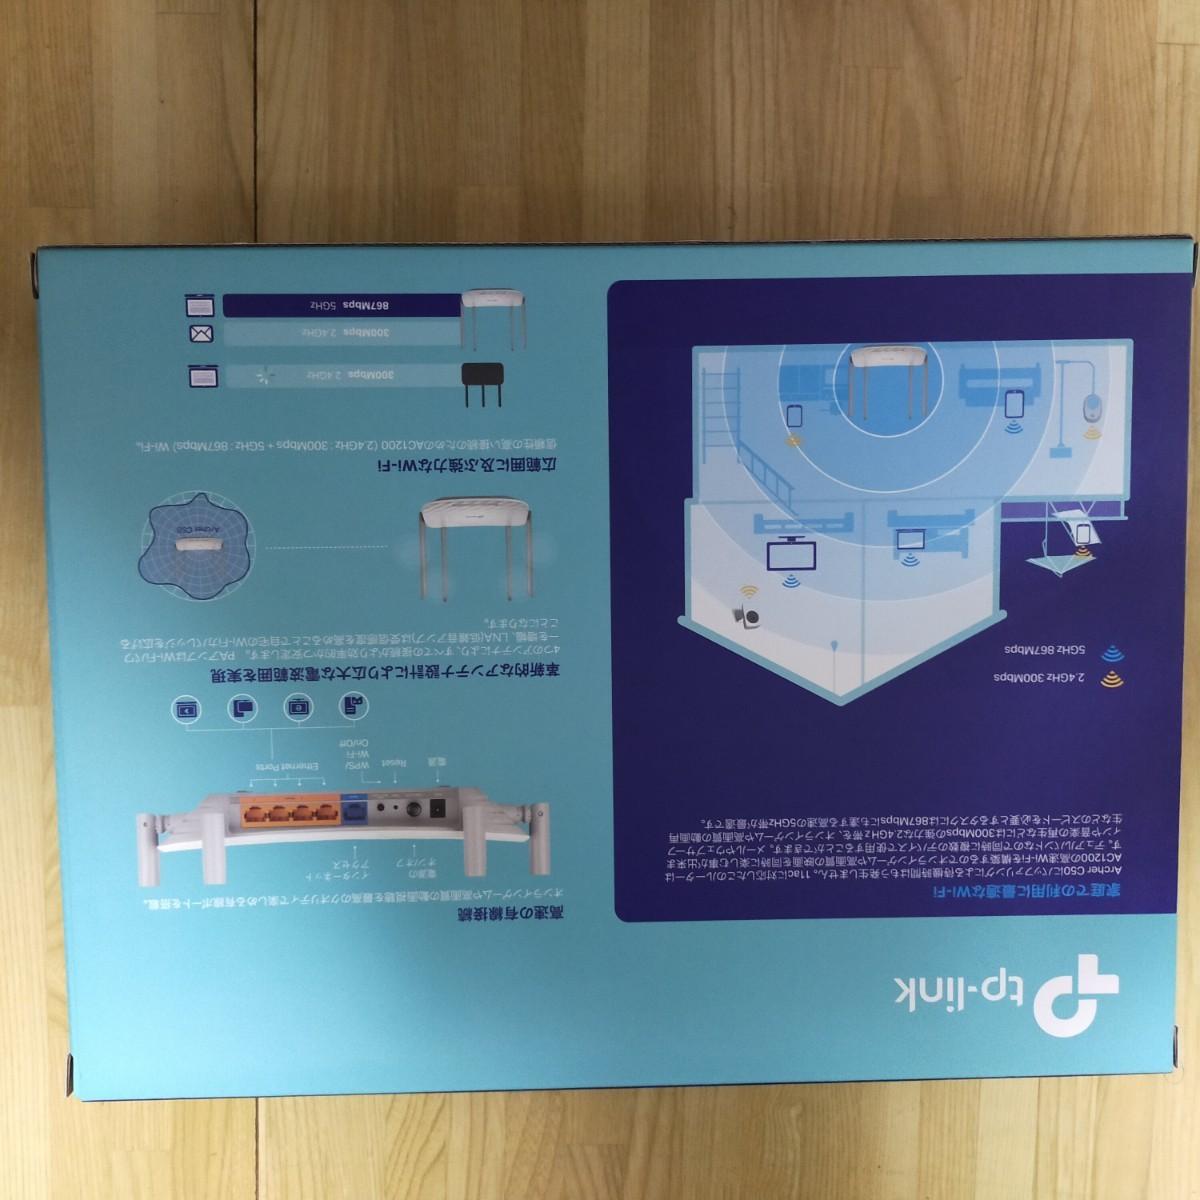 TP-Link WiFi 無線LAN ルーター Archer C50 11ac AC1200 867 + 300Mbps